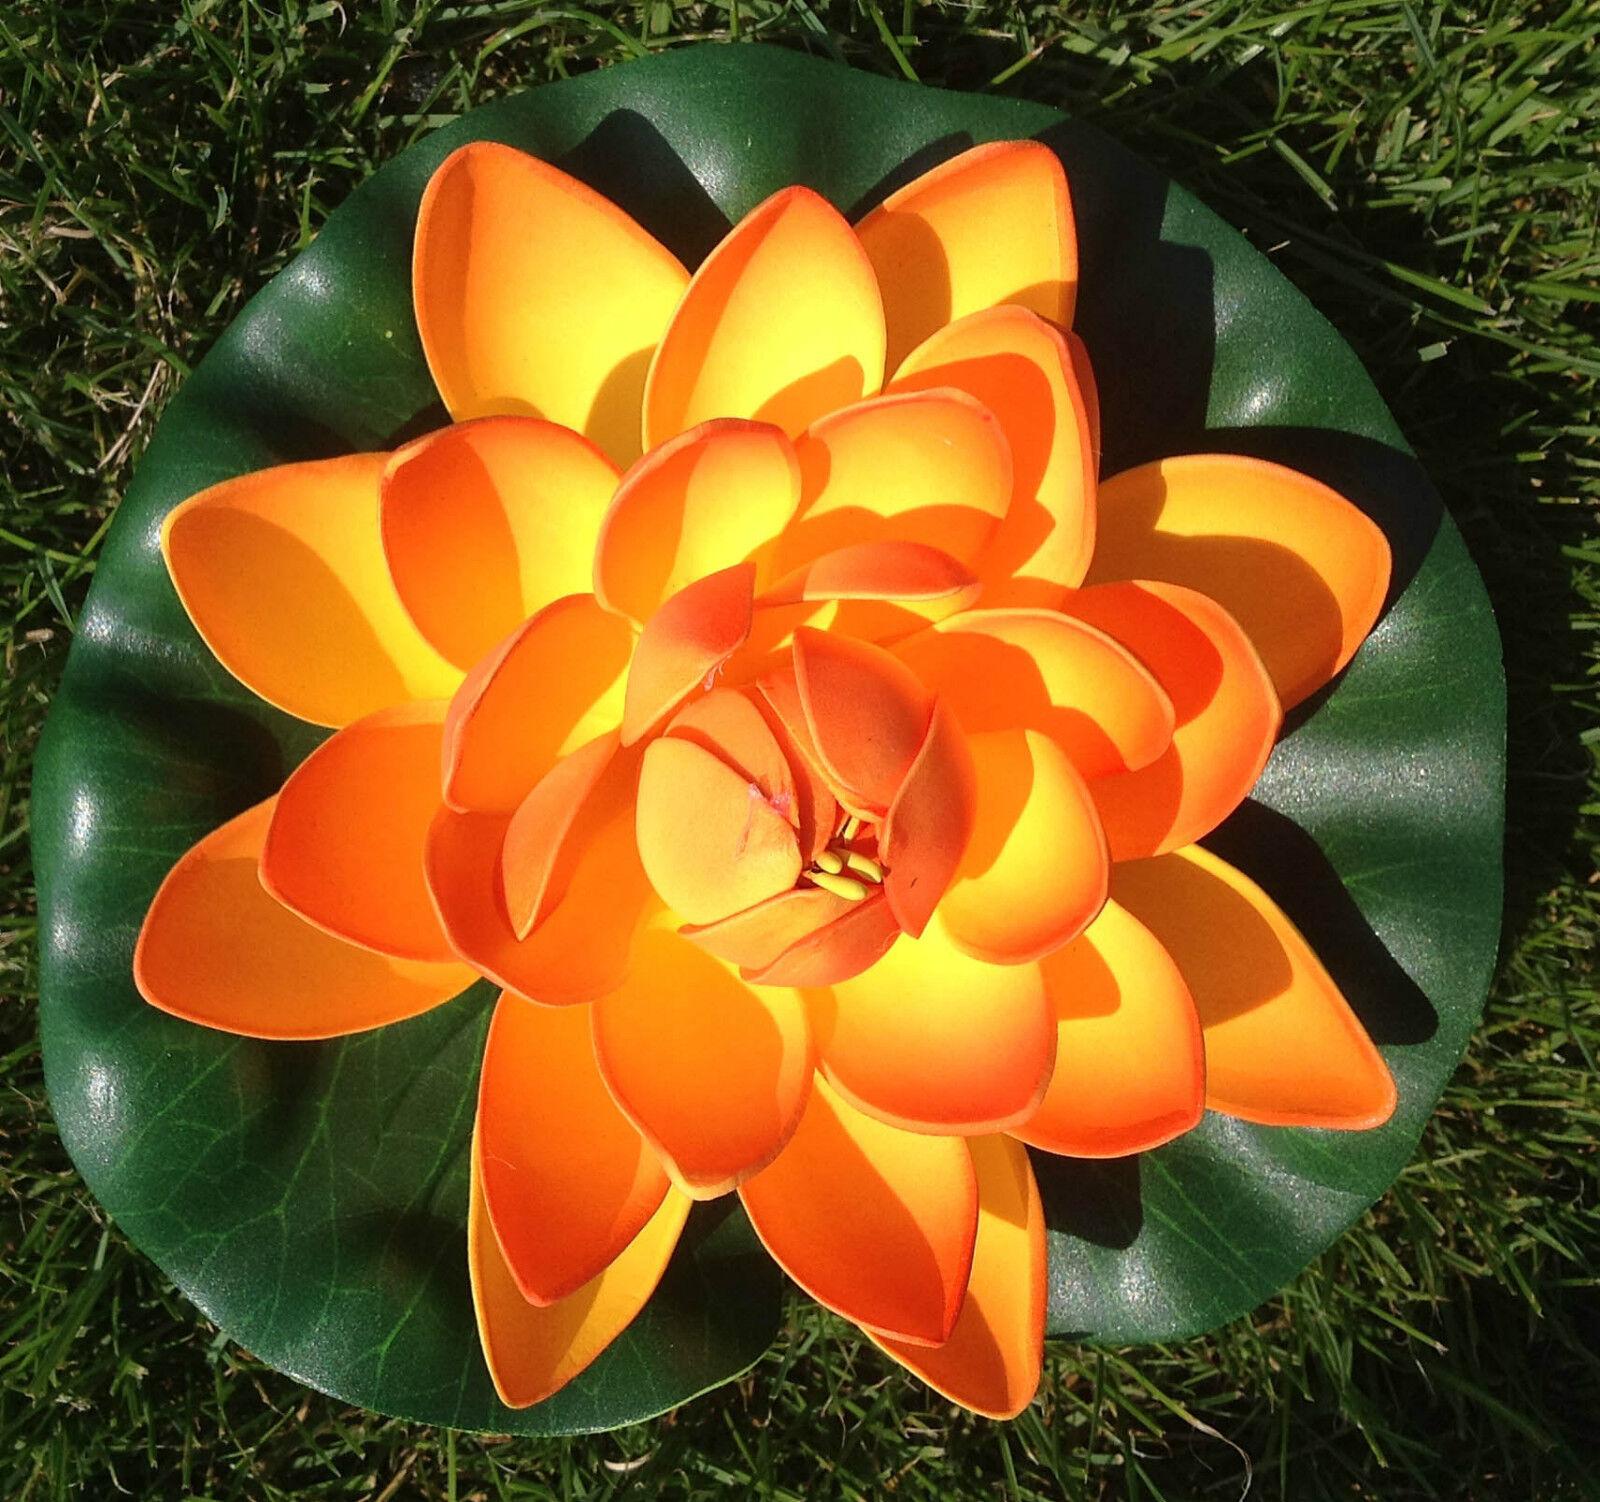 Seerose Lotos 17 cm groß Blumen sehr original  Deko Teichrose orange